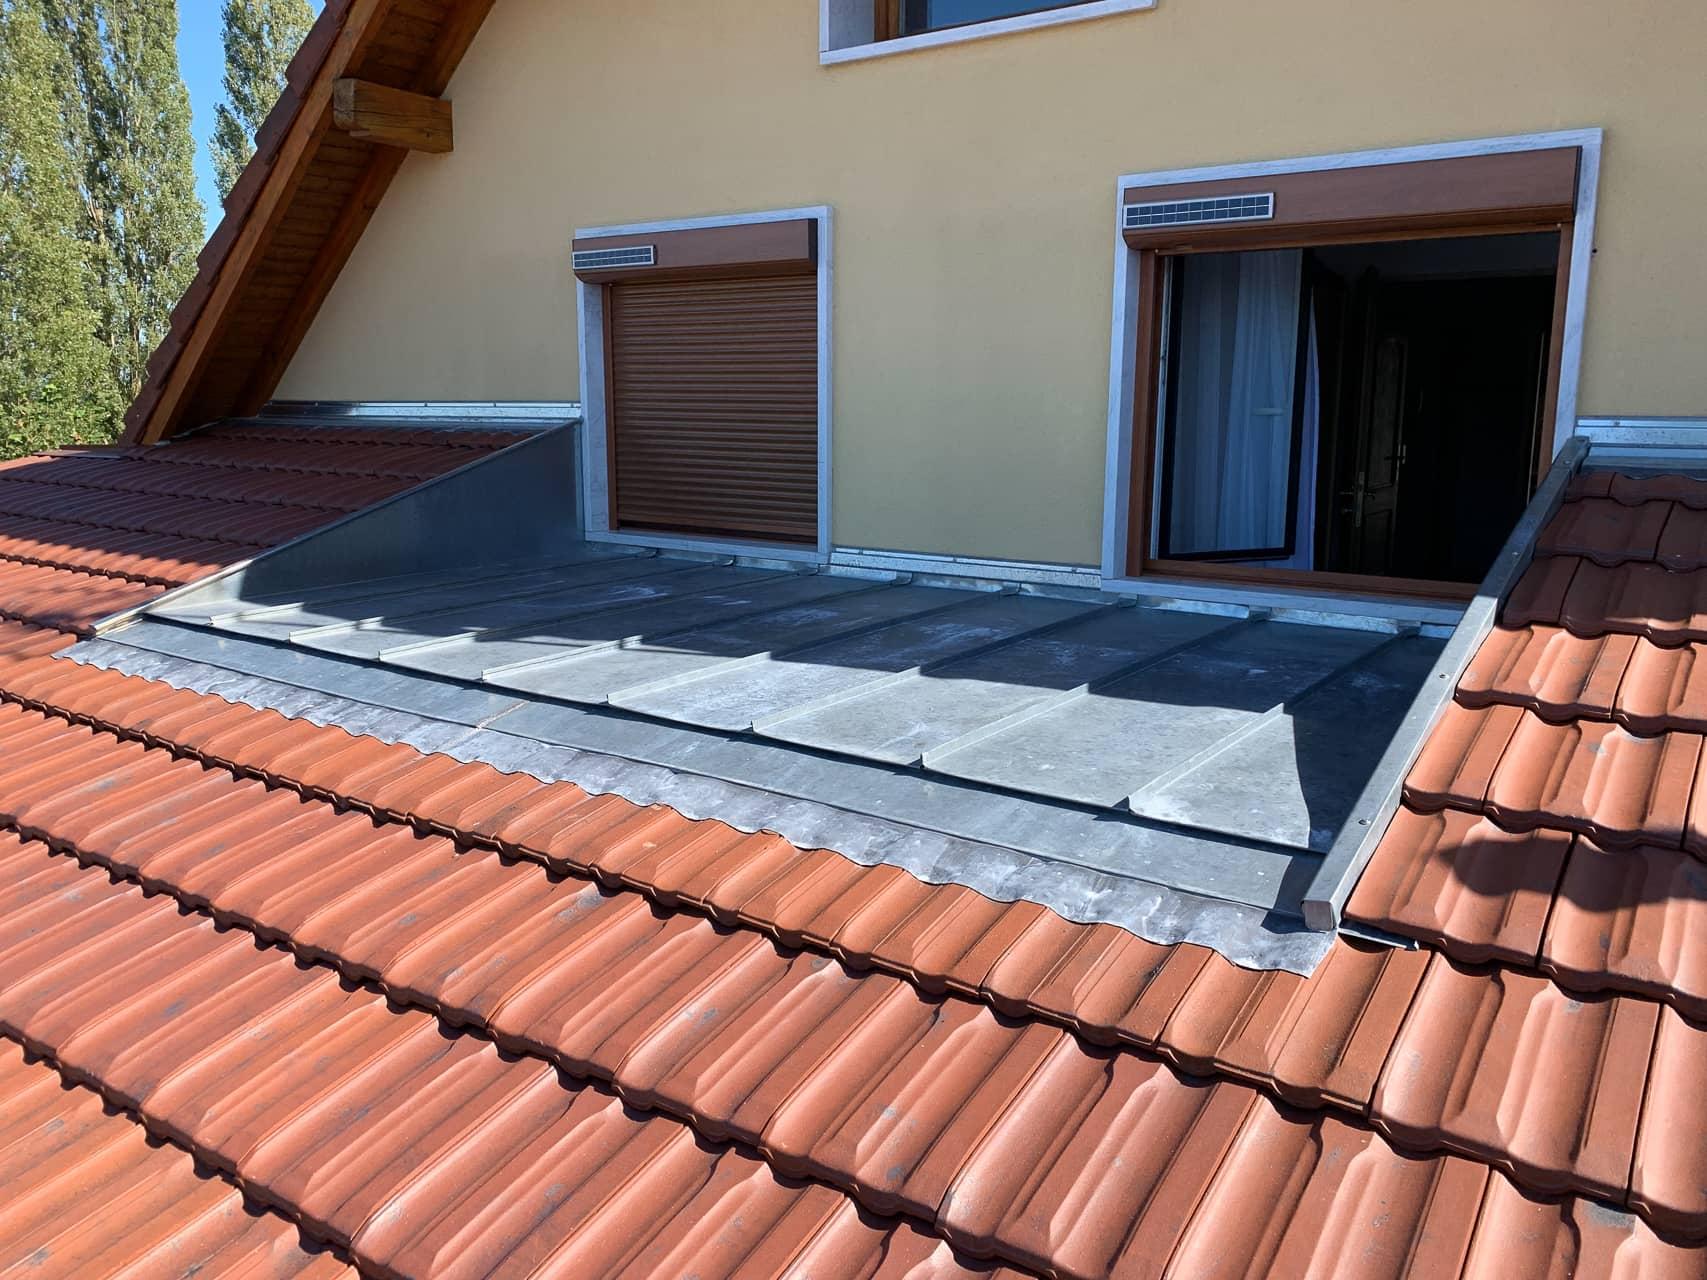 Couverture Zinc Joint Debout - Kleinmann et Fils (11)